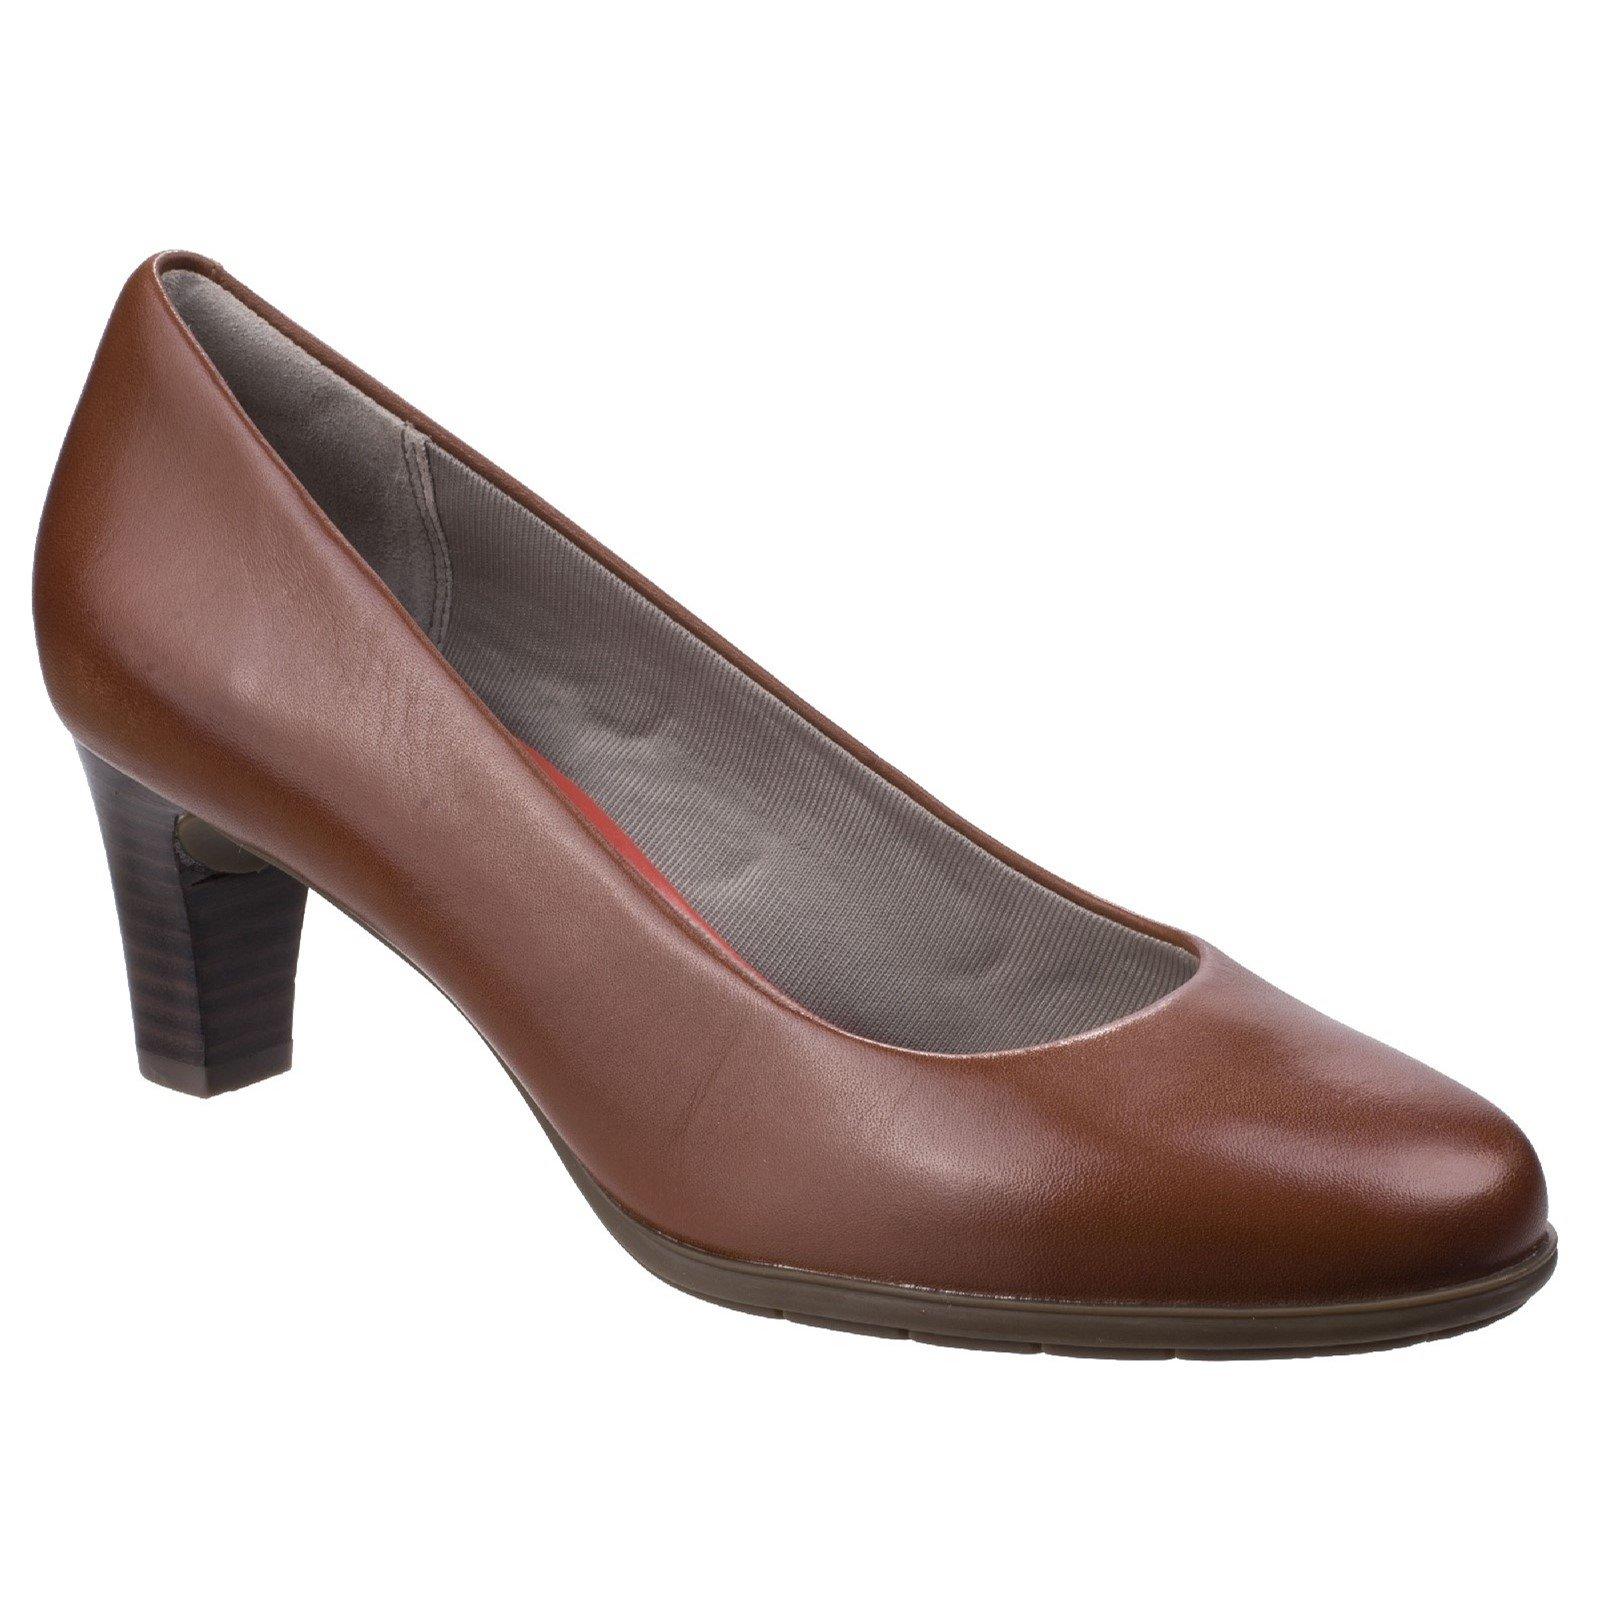 Rockport Women's Melora Plain Pump Shoe Various Colours 26349 - Alpaca 4